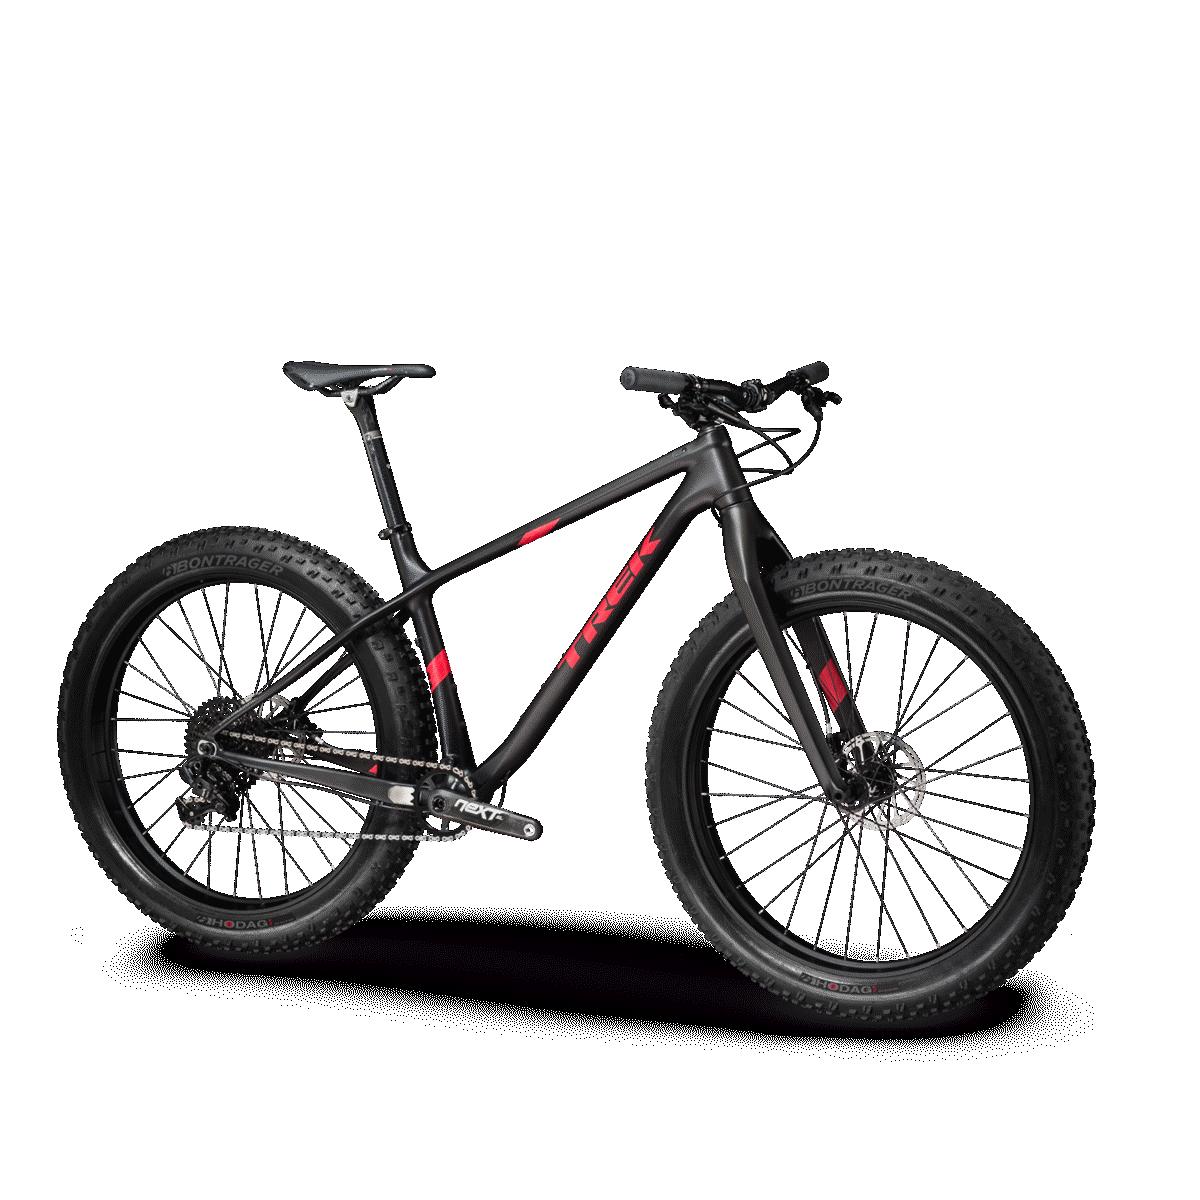 Farley | Trail mountain bikes | Mountain bikes | Bikes | Trek Bikes